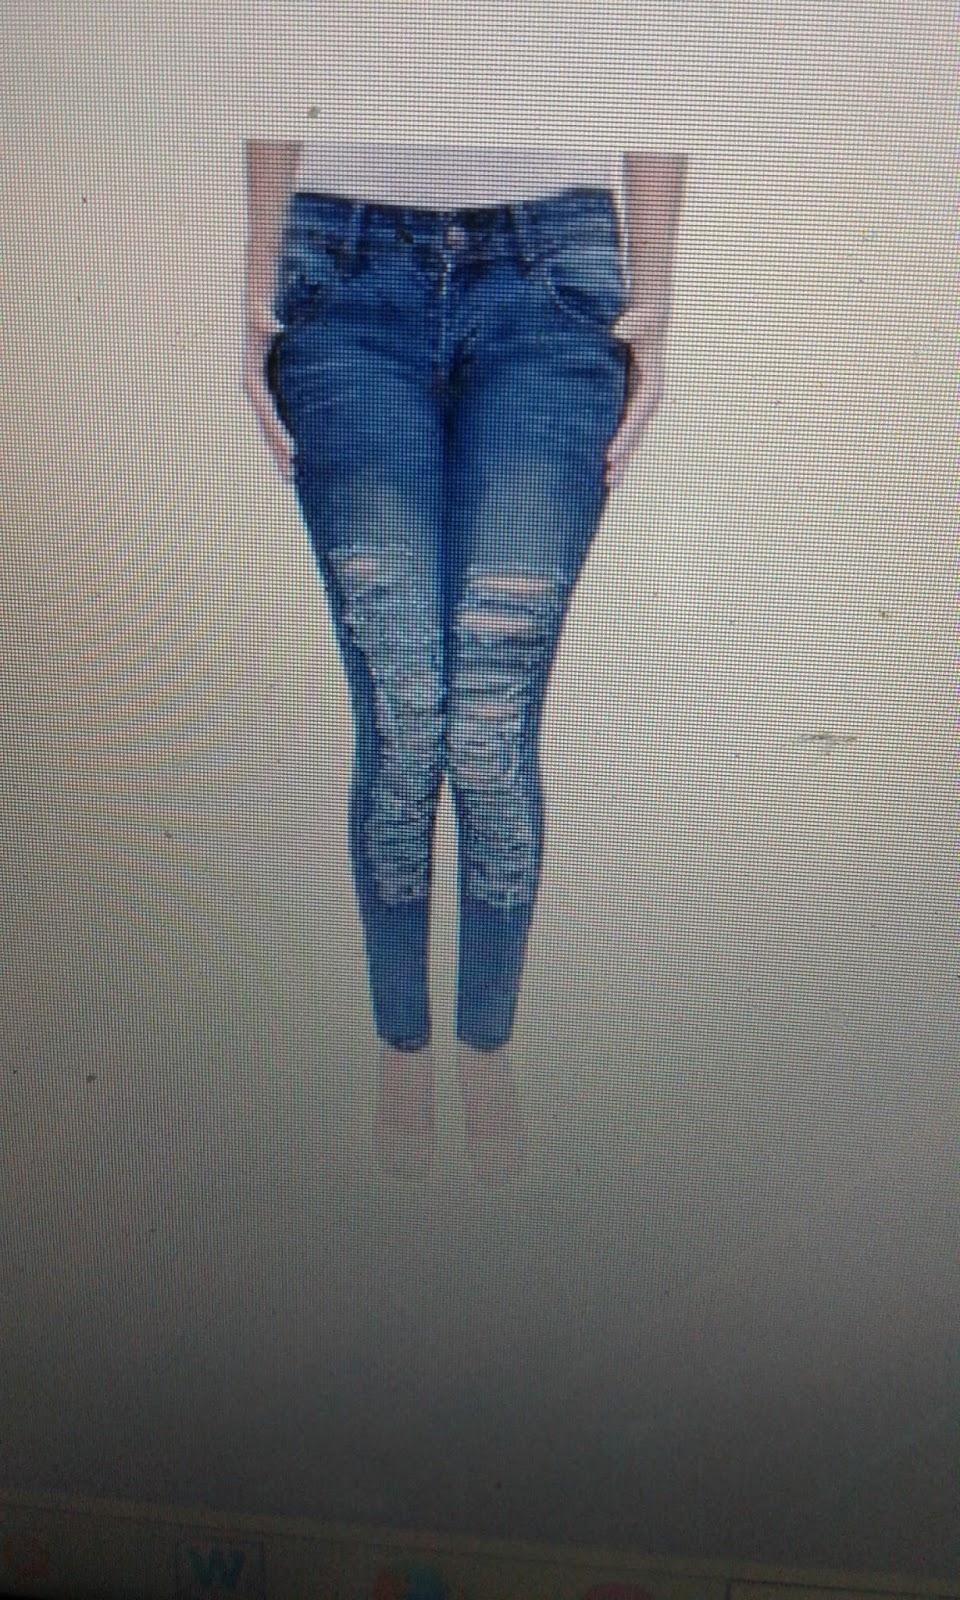 Carvil Mercy B Jeans Wanita Biru Lihat Daftar Harga Terbaru Dan Sandal Gunung Men Alexander Gm Brown Denim Cokelat Tua 39 Slim And Fit Destroy New Casual Ripped 05 Korean Style Women